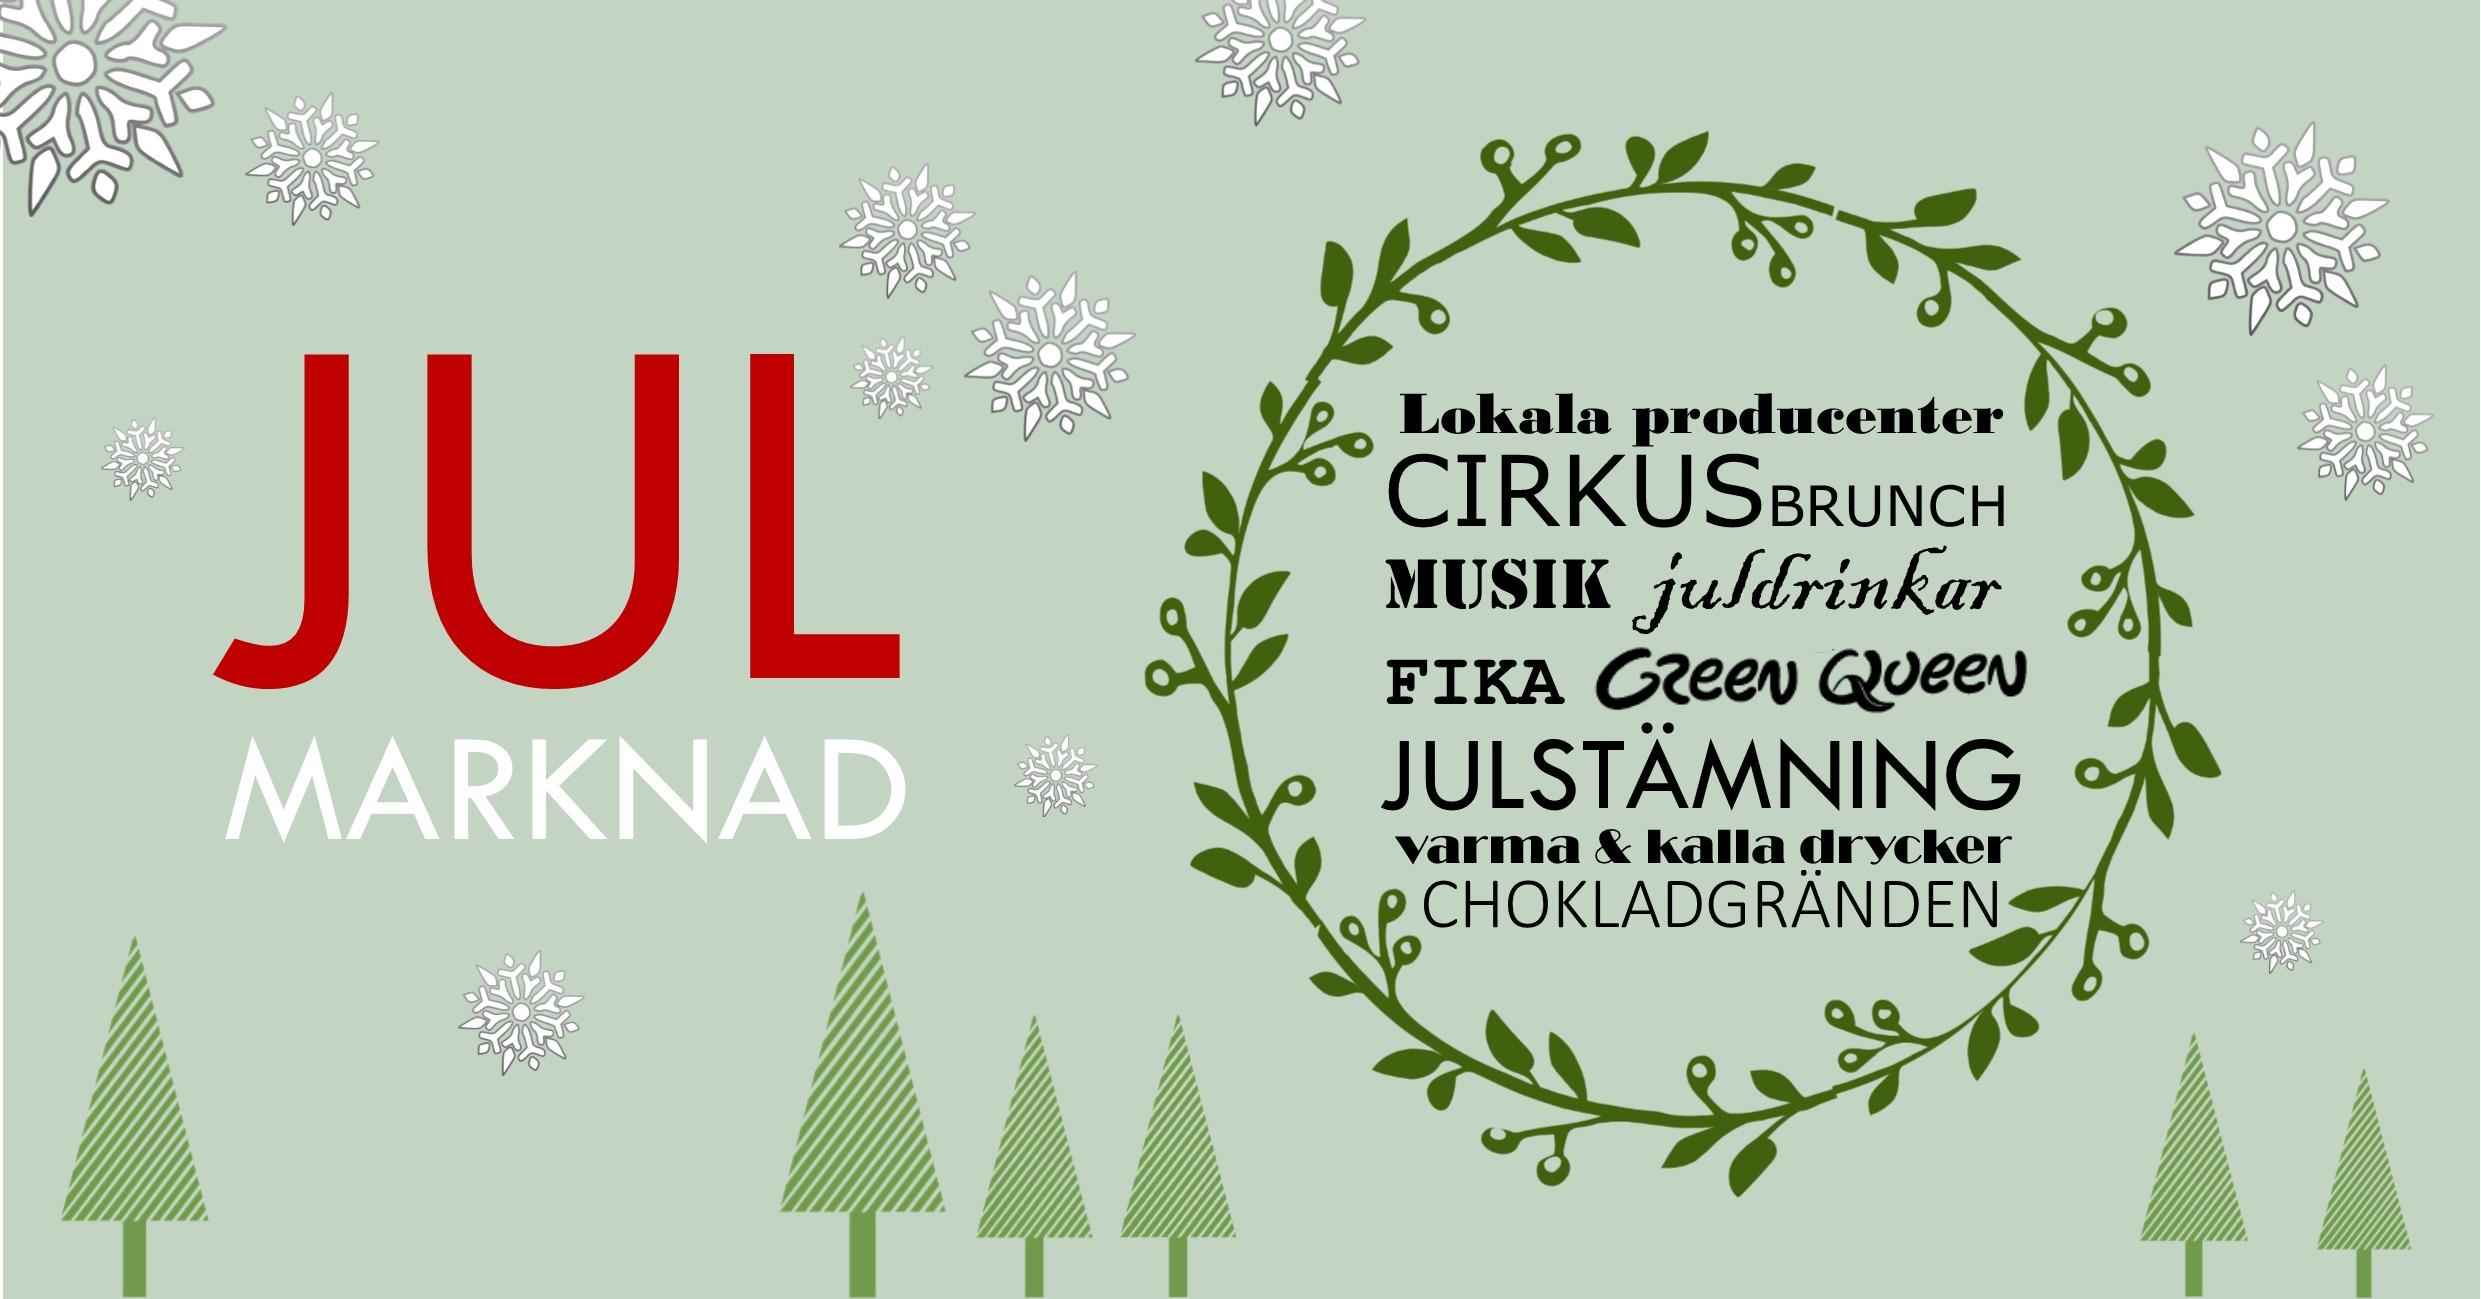 Evenemang_Julmarknad